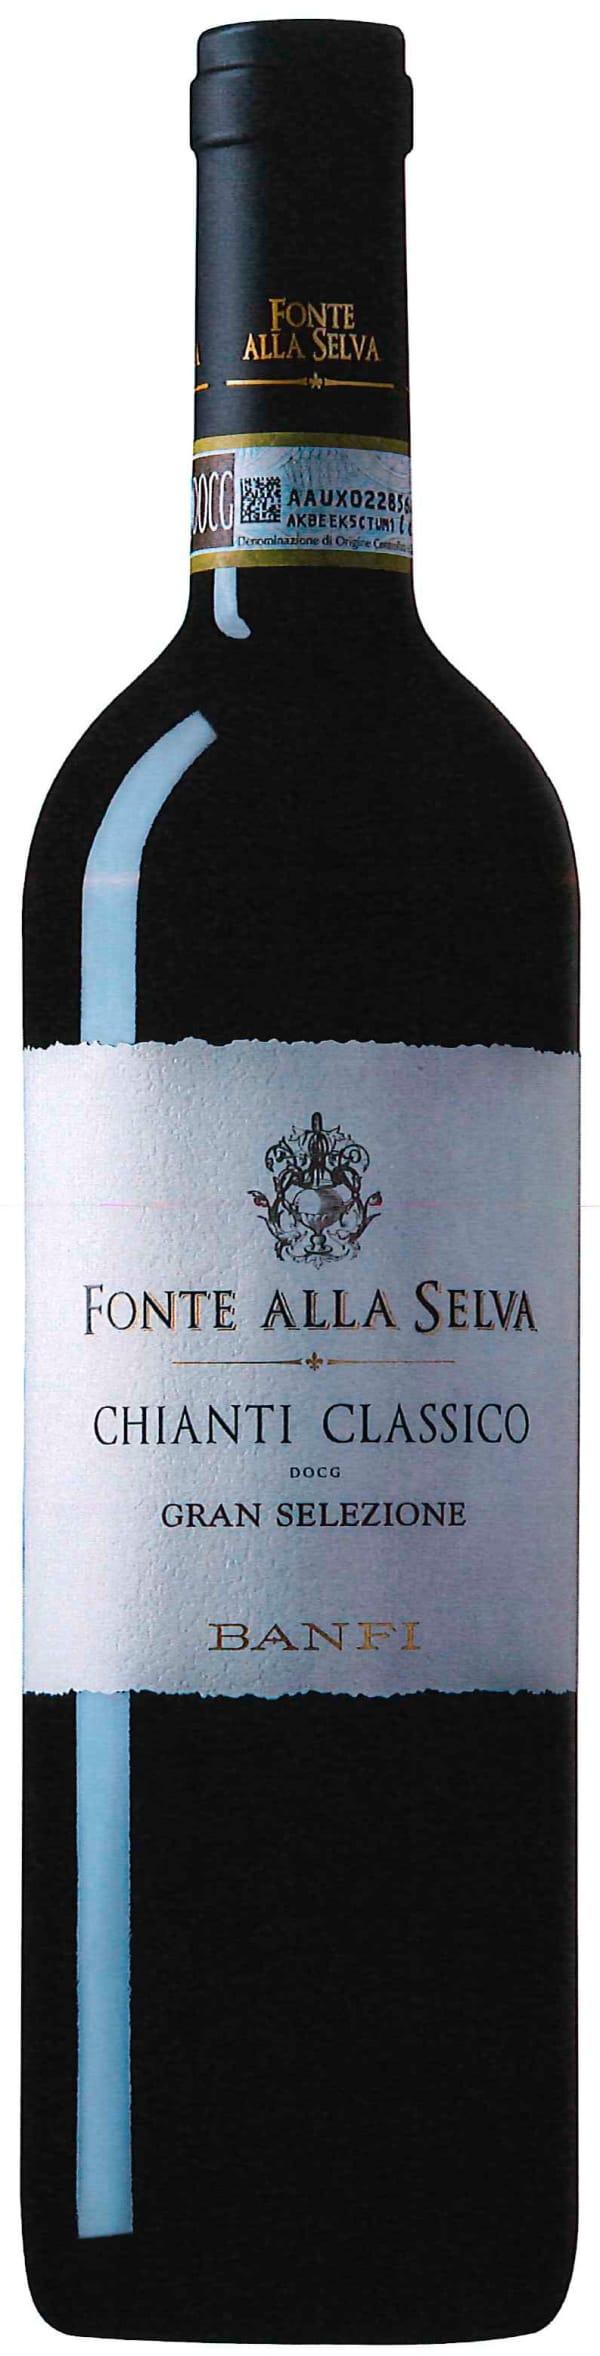 Banfi Fonte Alla Selva Chianti Classico Gran Selezione 2014